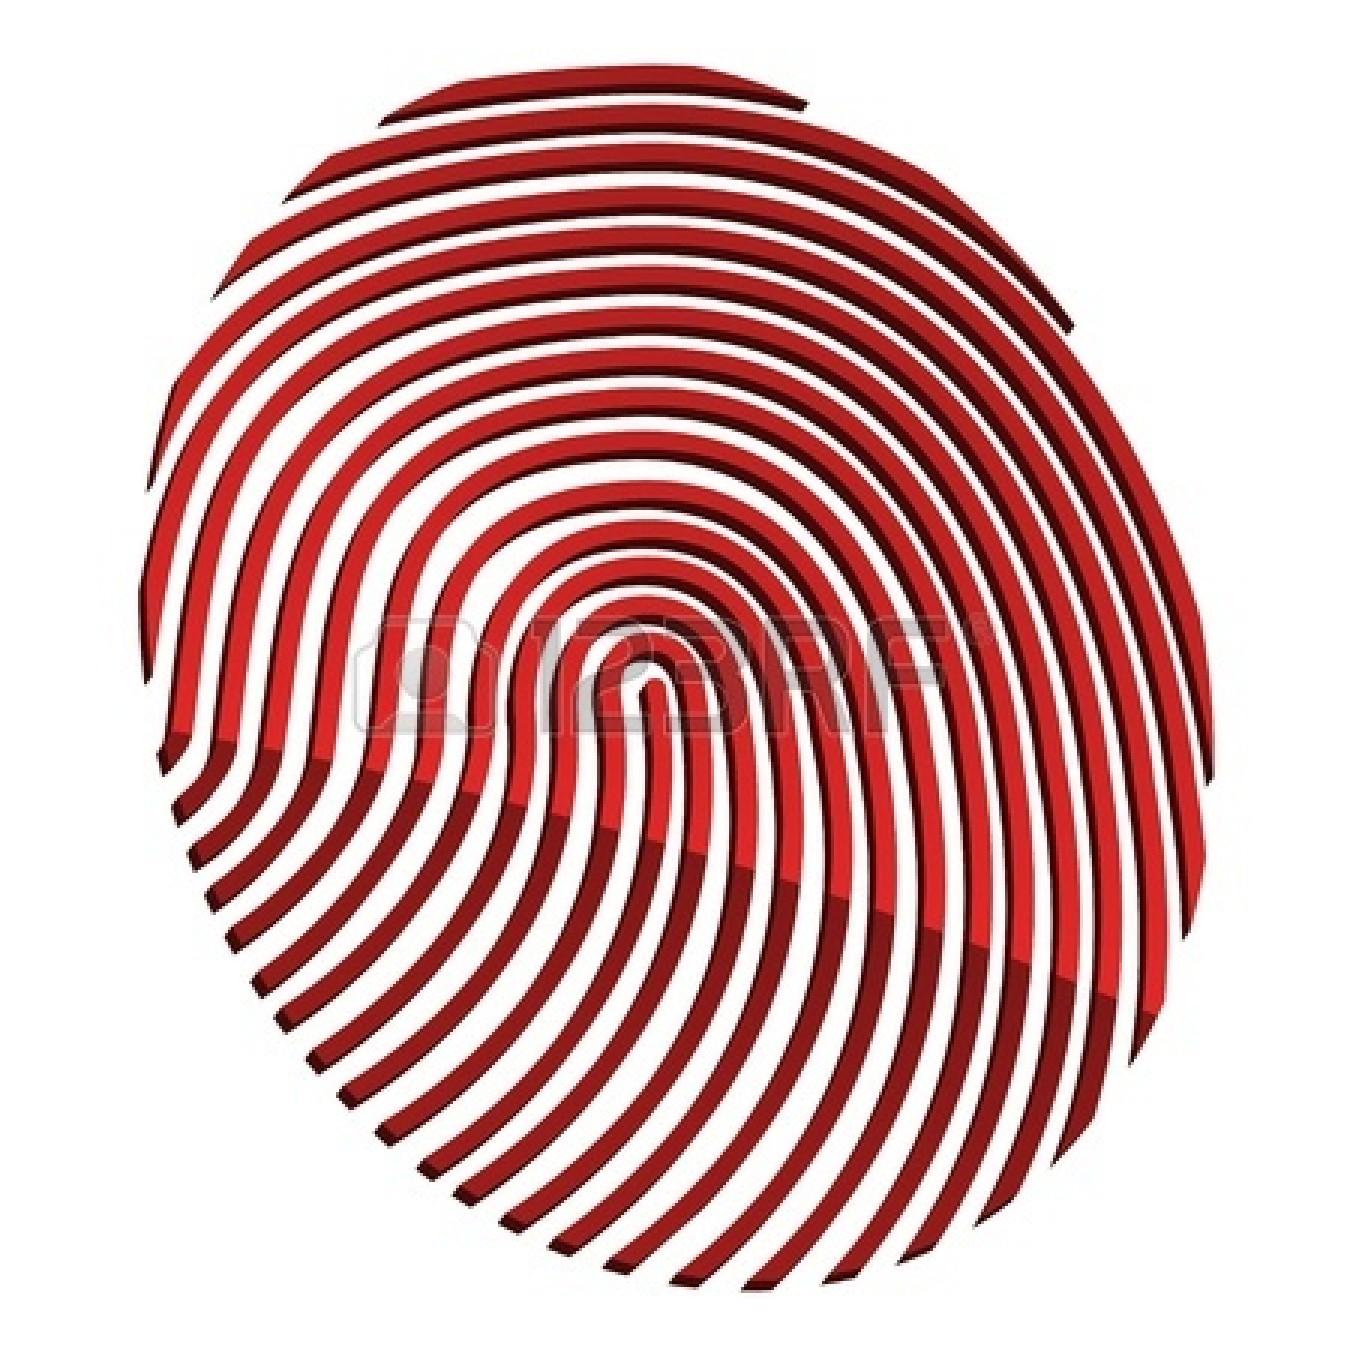 Fingerprint Clip Art - Cliparts.co